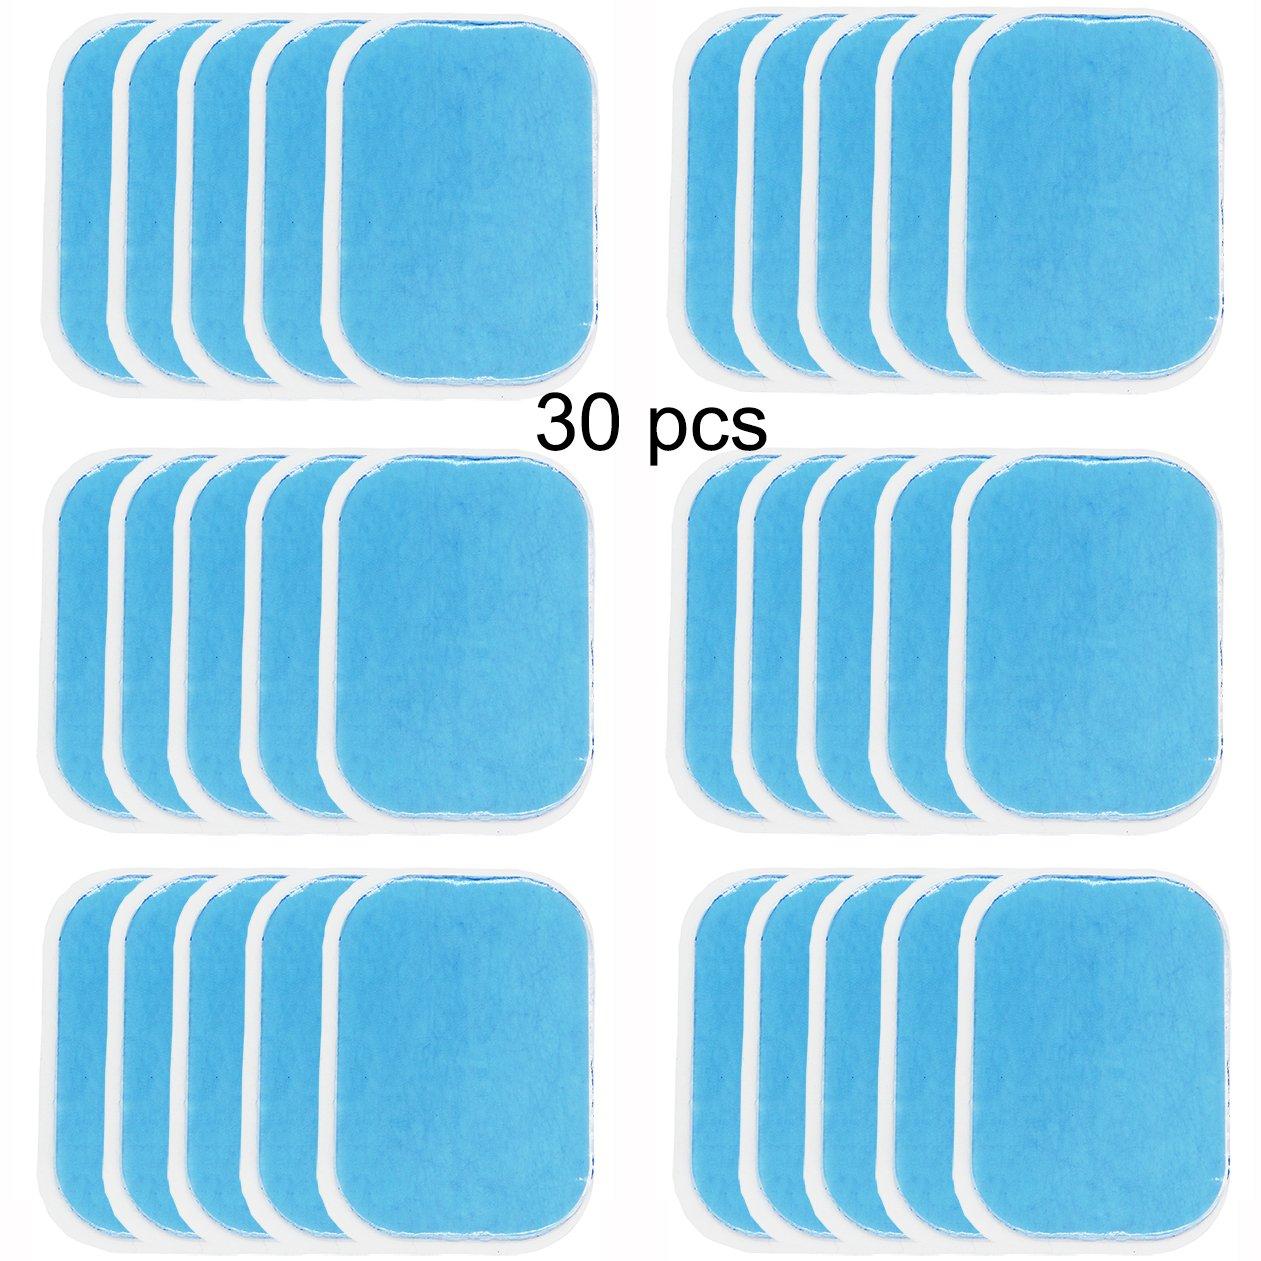 2 unidades//paquetes, 15 paquetes//caja accesorios para abdominales t/óner muscular NewL Abs Trainer L/ámina de gel de recambio para tonificar el cintur/ón abdominal